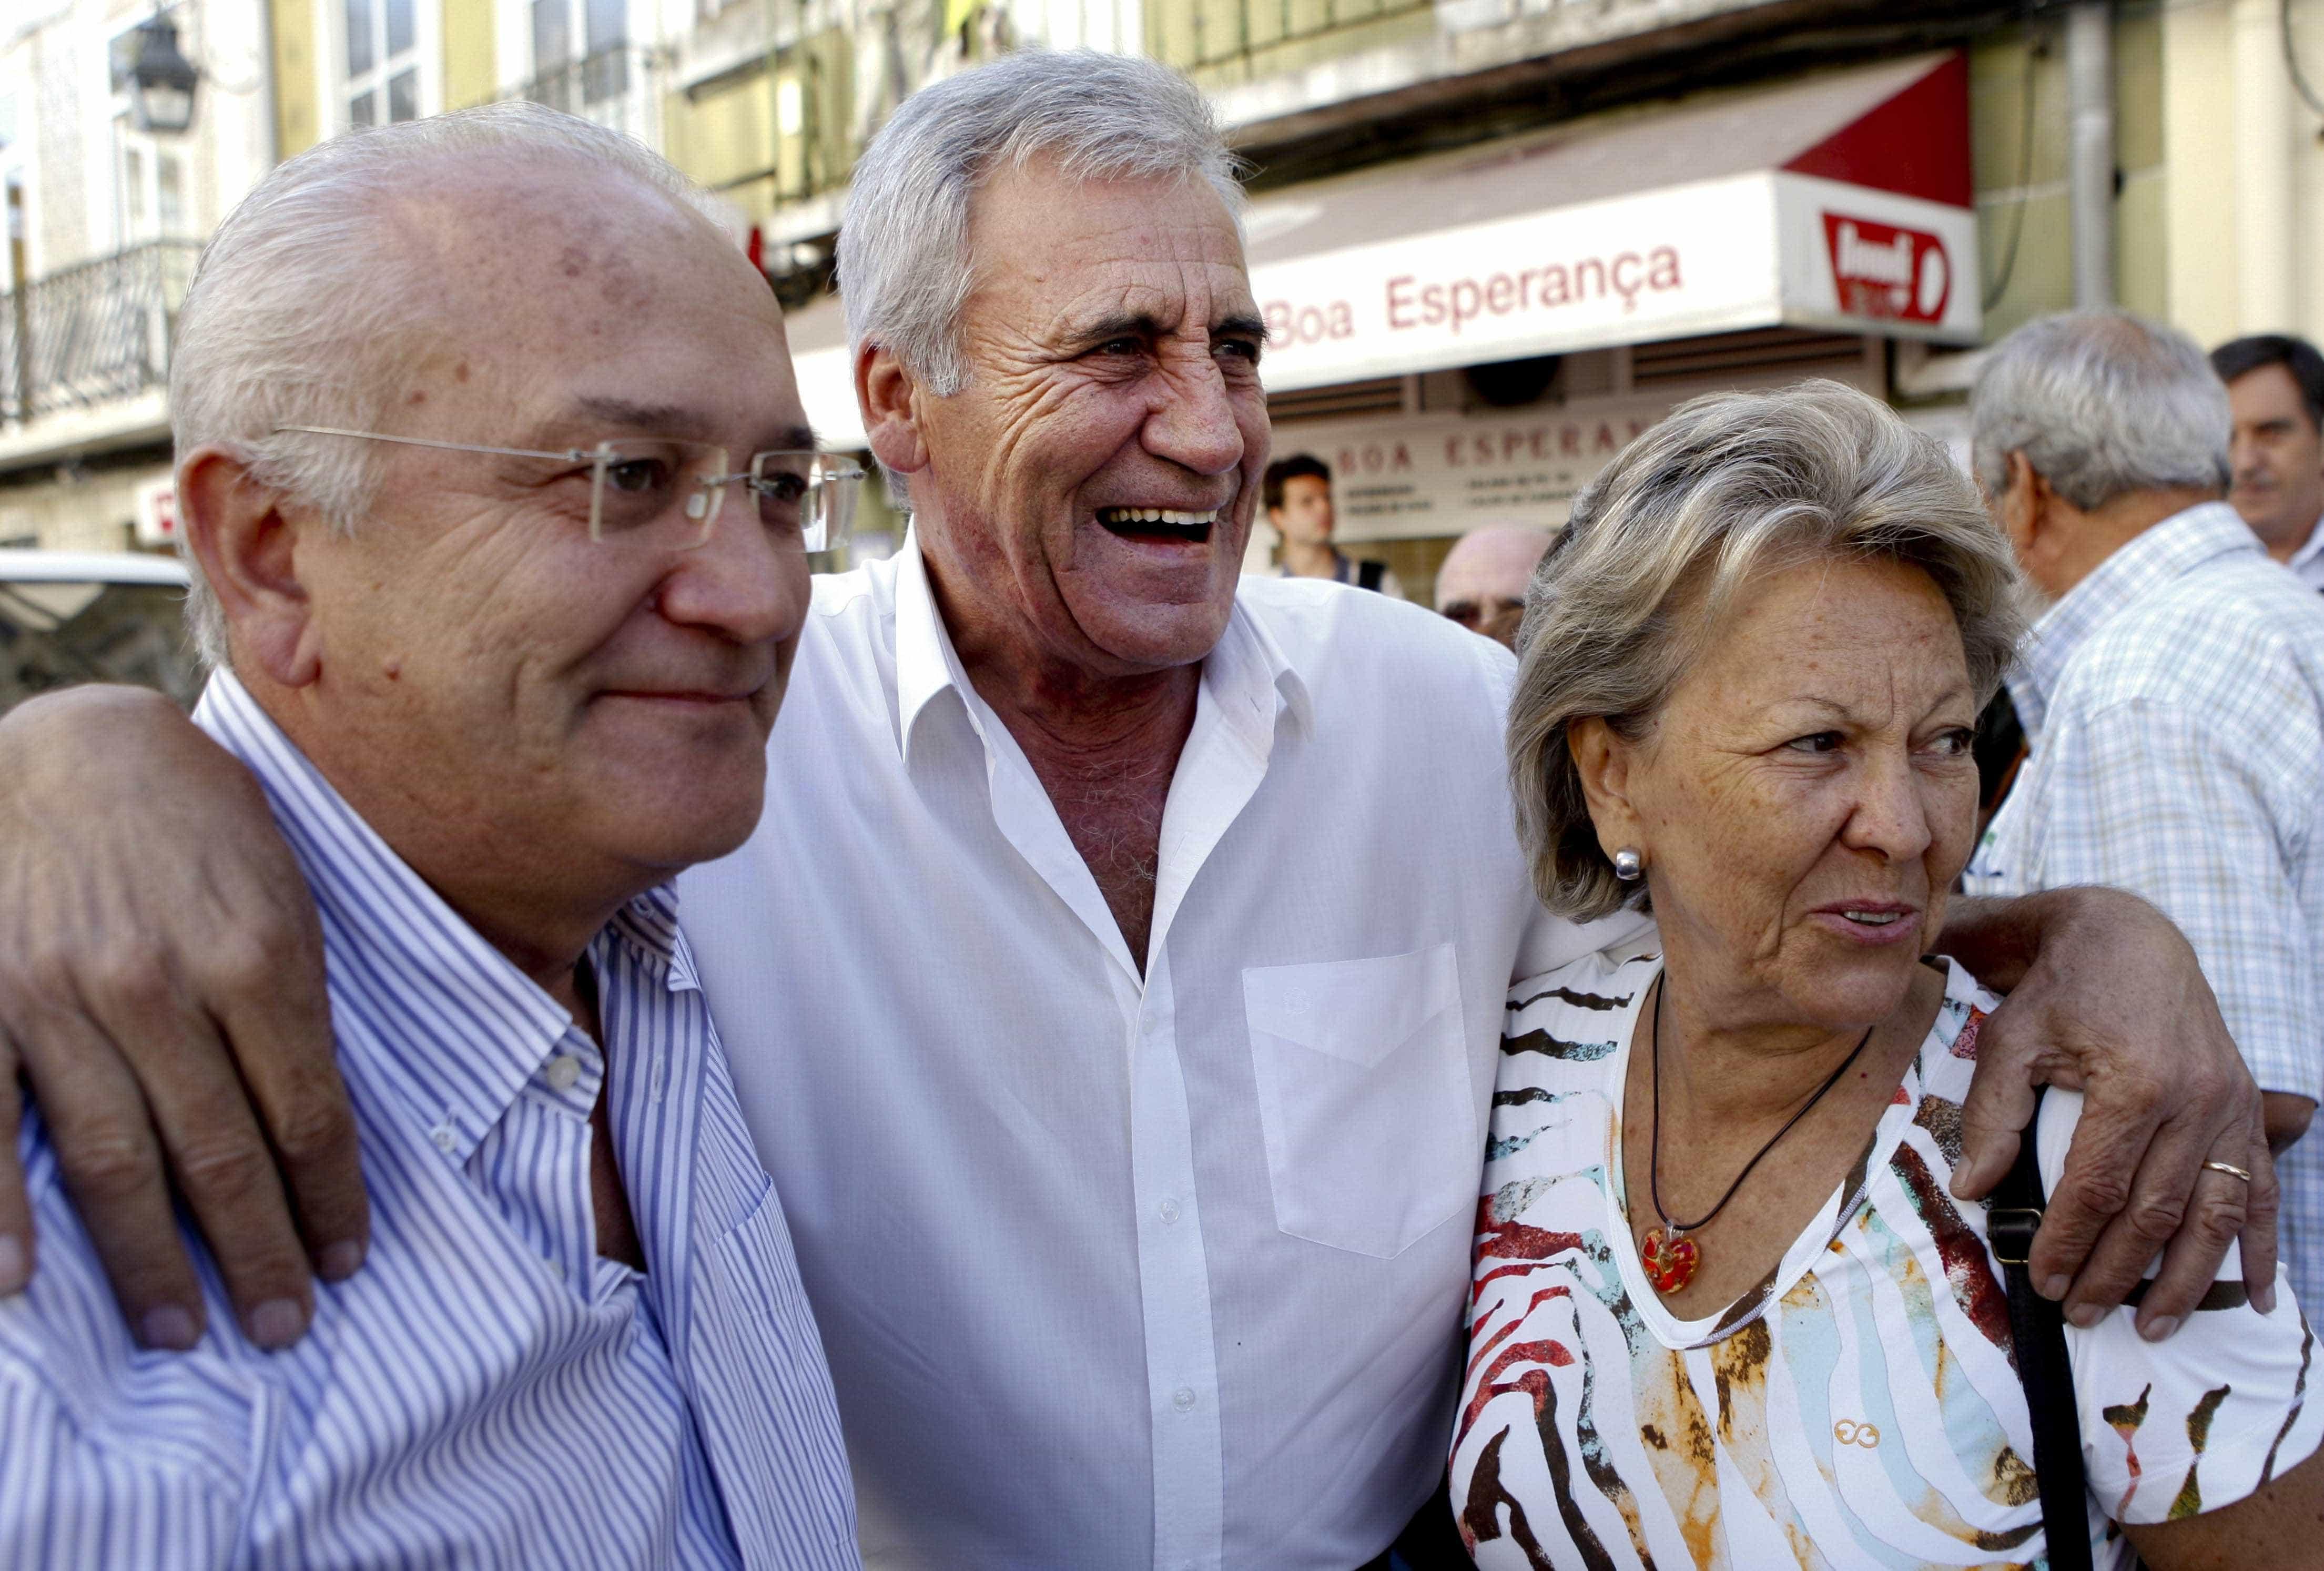 Autárquicas: Joaquim Judas defende reposição das freguesias em Almada